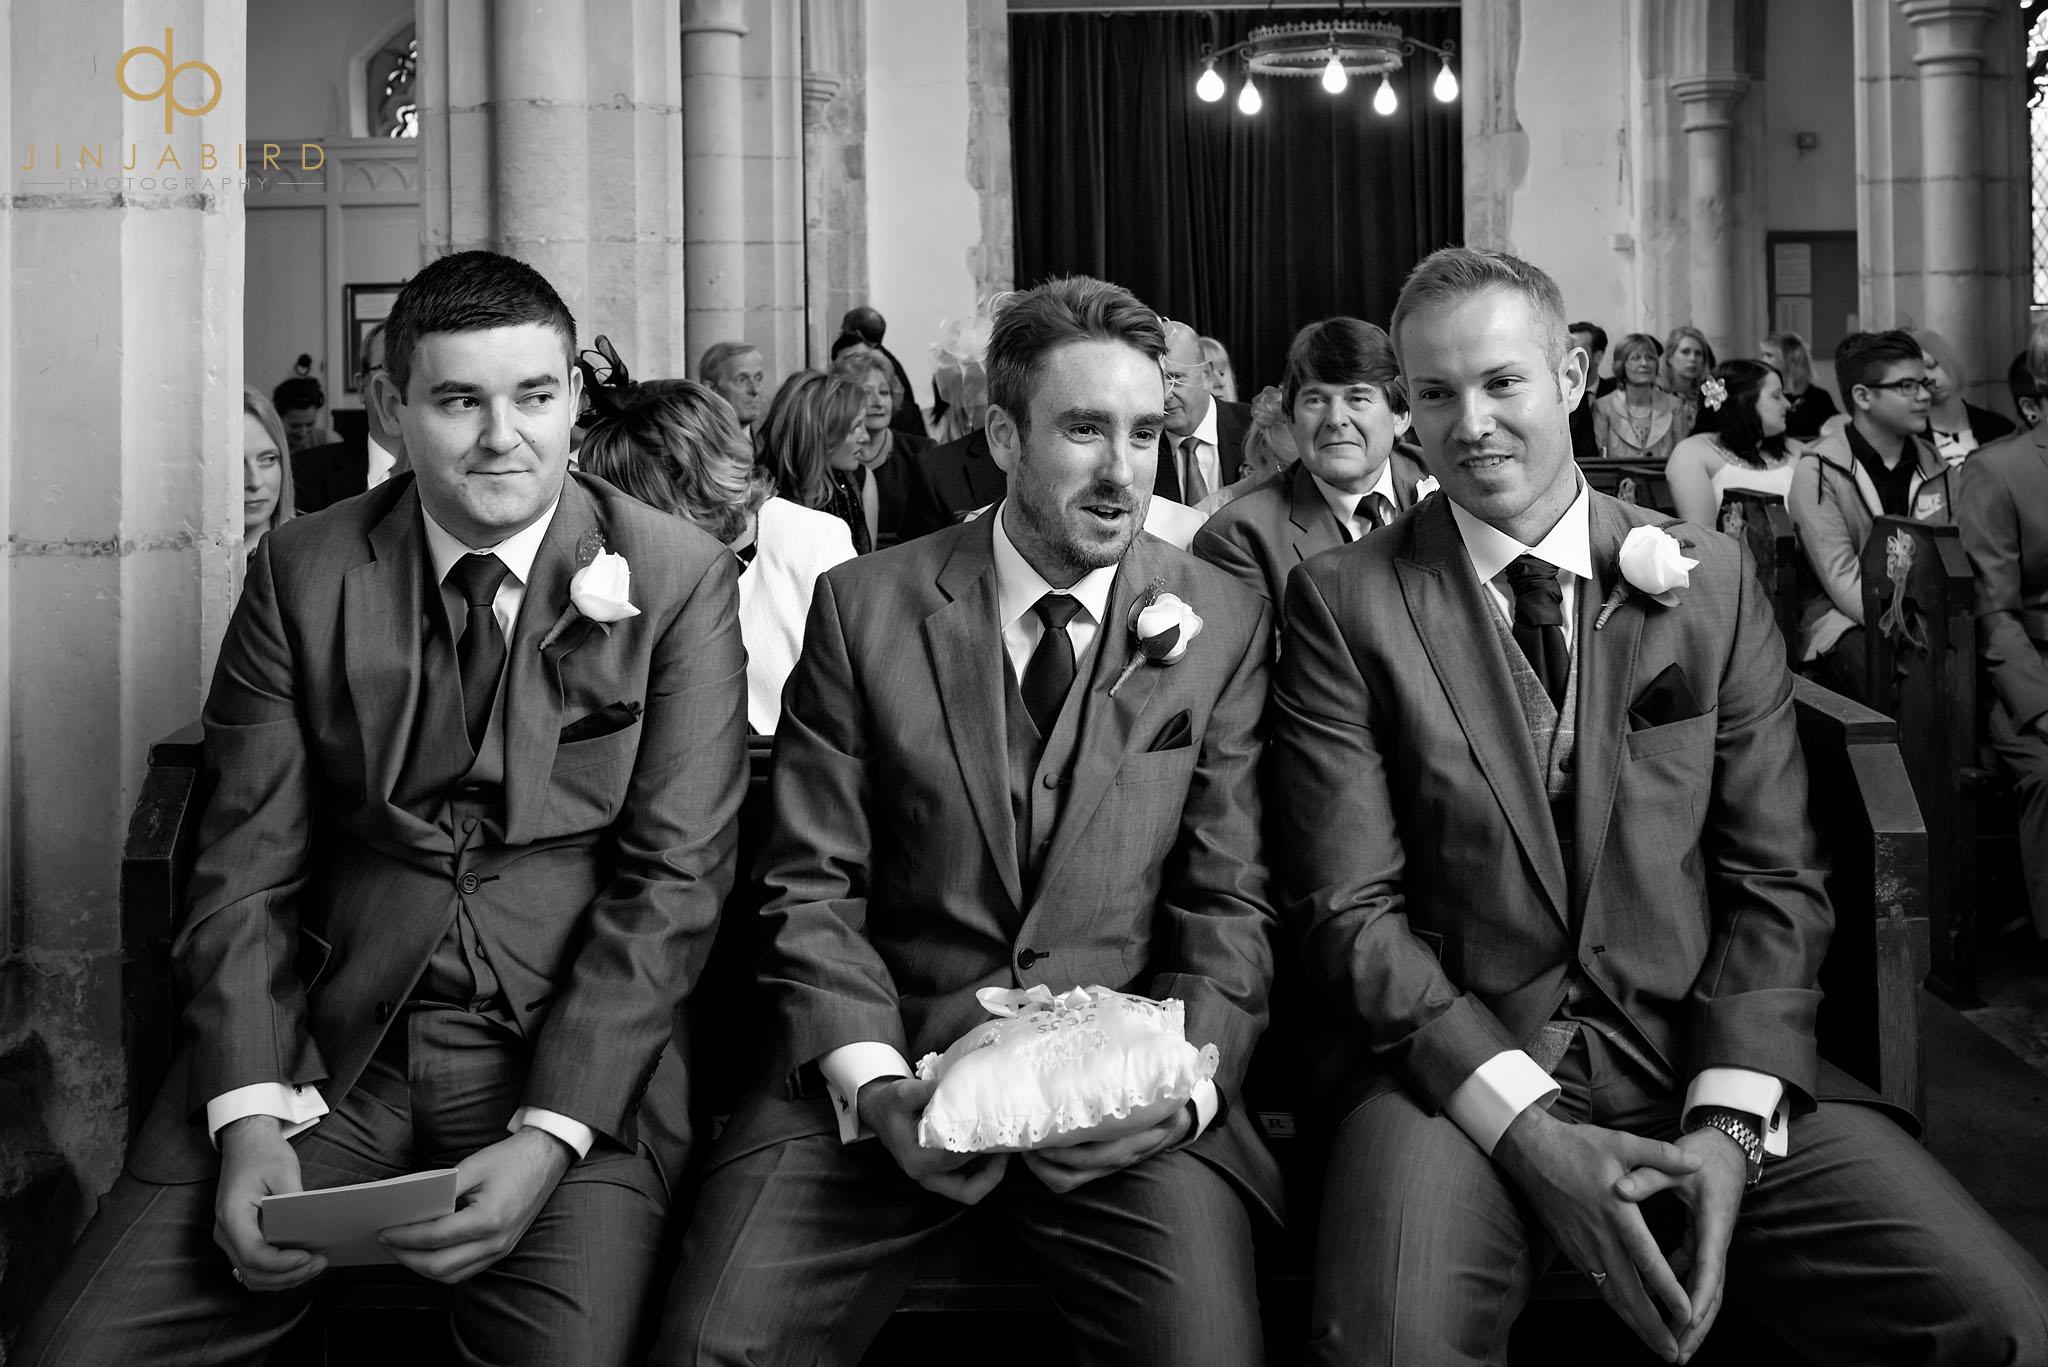 wedding photographer st-mary magdalene church hilton